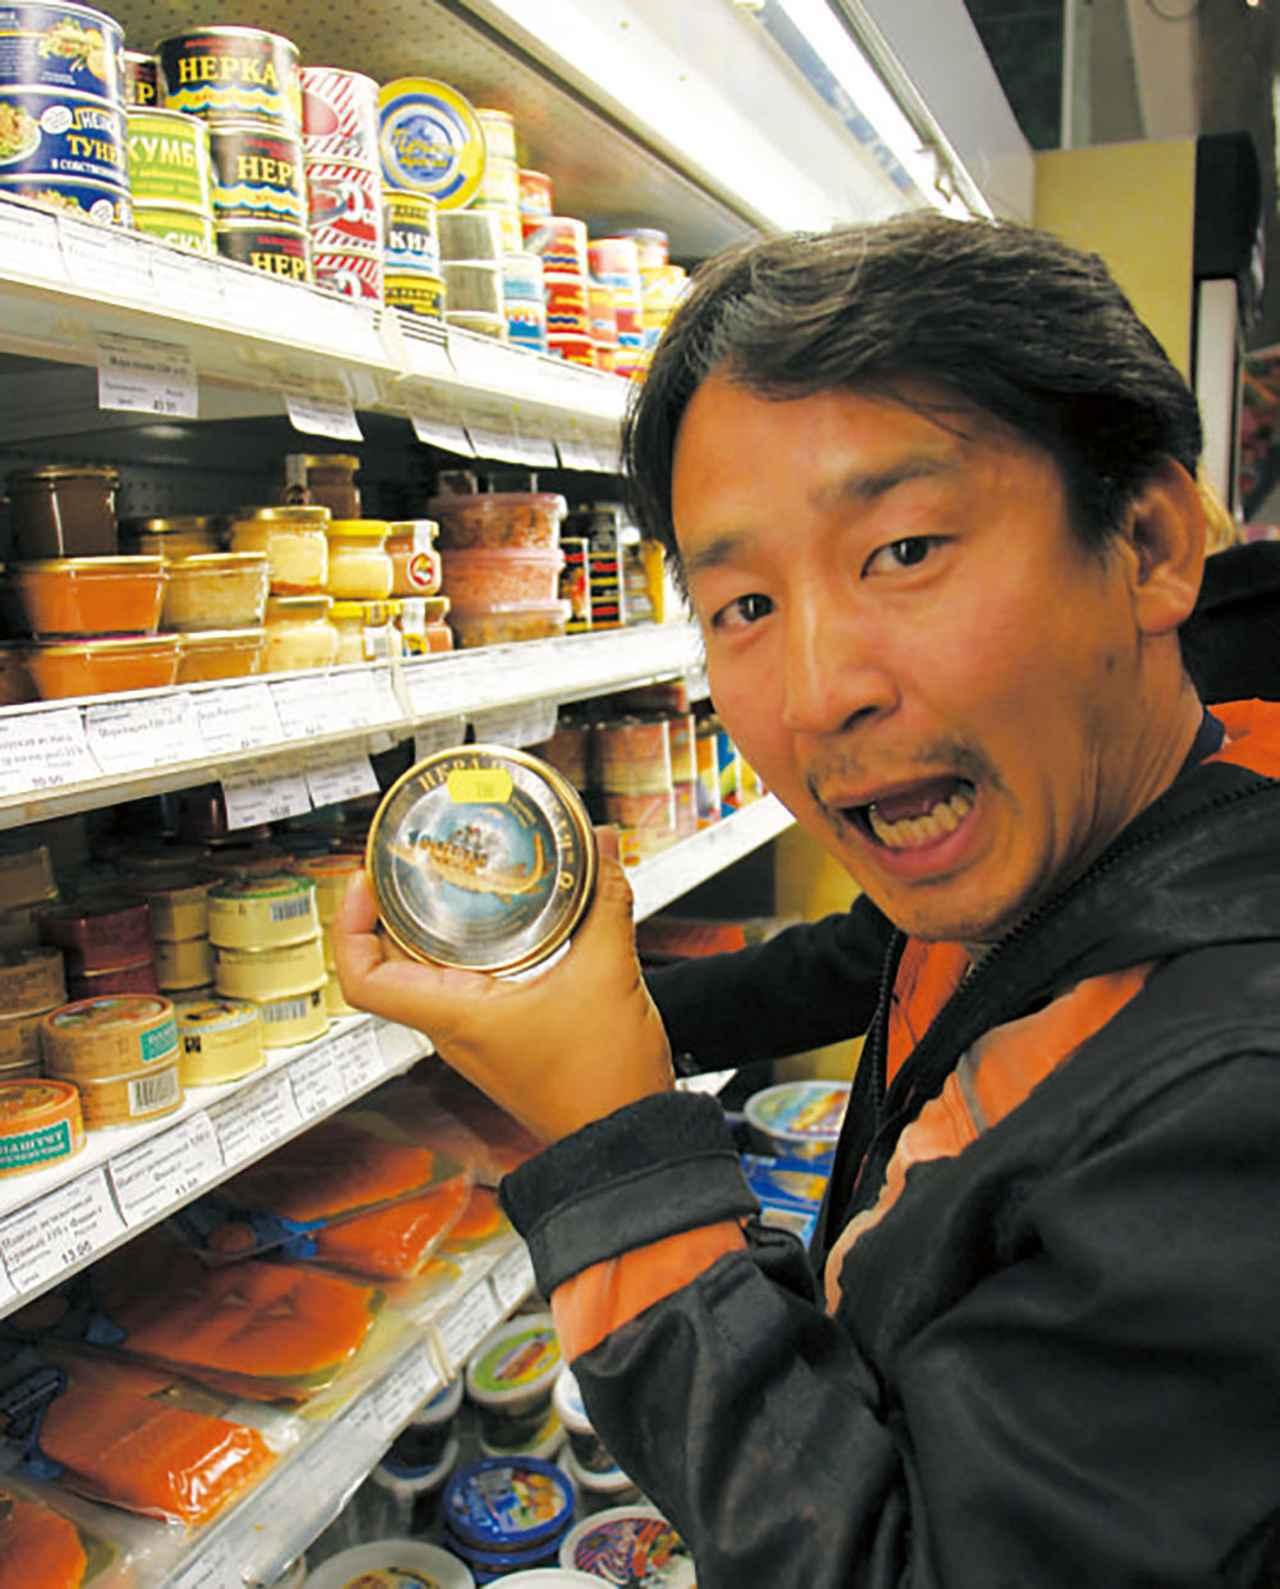 画像: スーパーマーケットでキャビアの缶詰を手におどける金子氏。なお、ダスビダーニアとはロシア語で「さよなら」の意味。